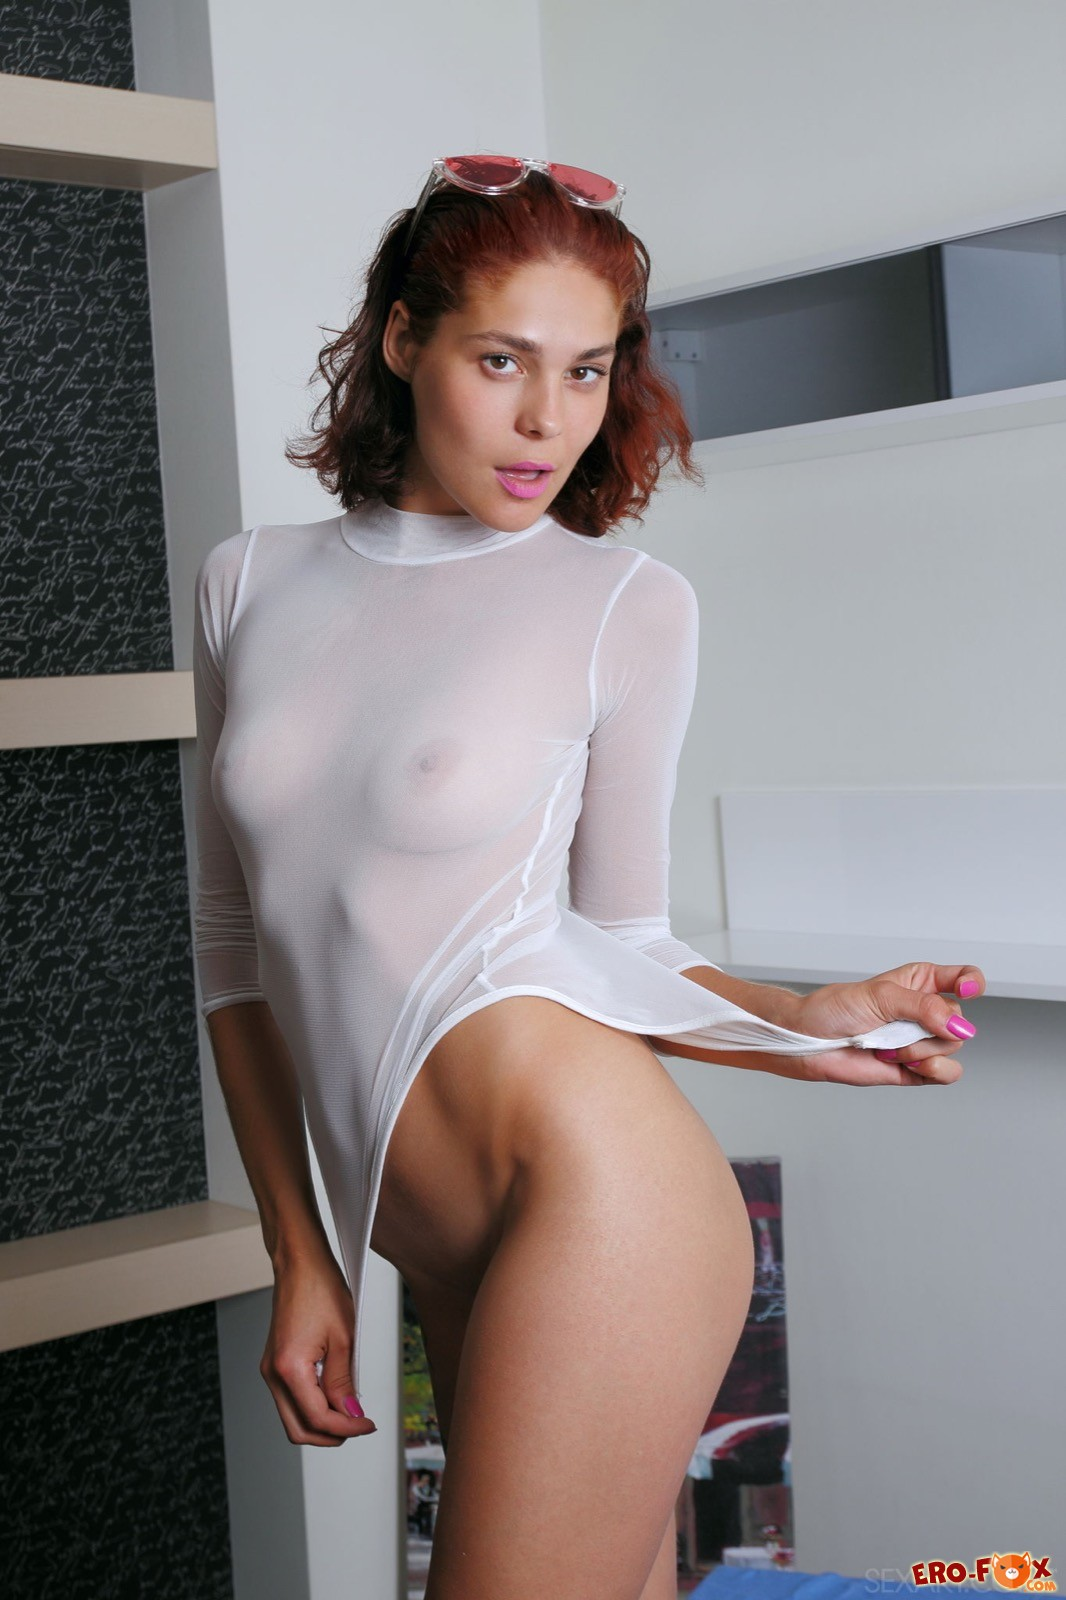 Обаятельная девушка позирует в эротичном боди и без - фото